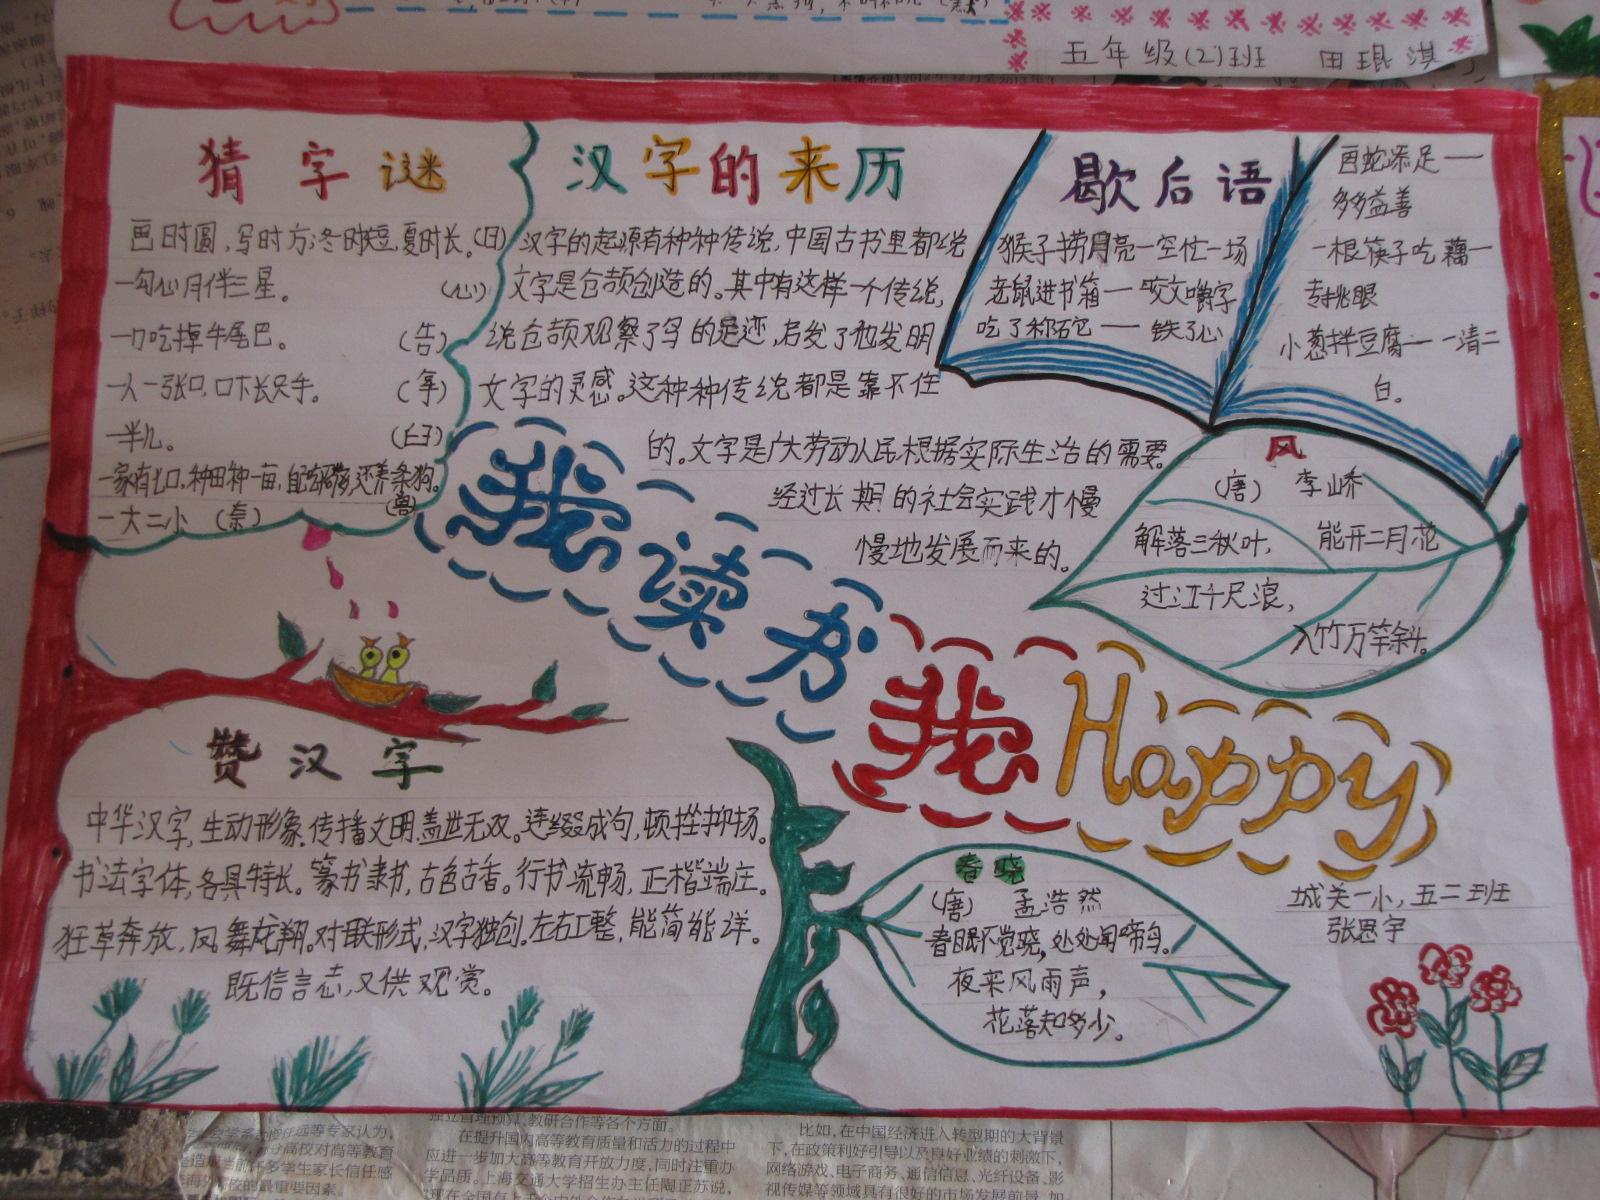 中国汉字我为你骄傲 手抄报比赛图片